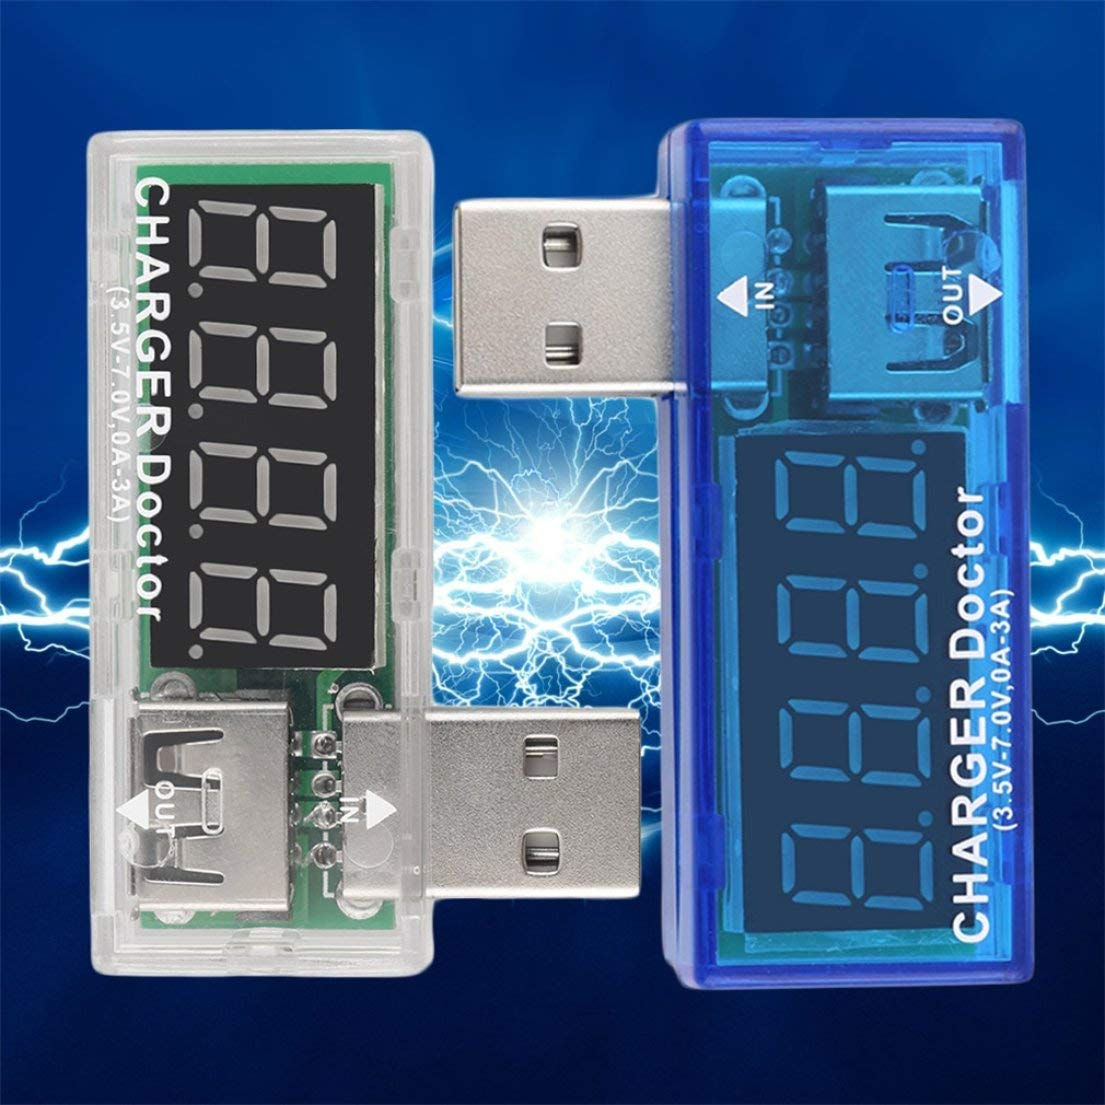 DFHJSXDFRGHXFGH-ES F/ácil y Conveniente Cargador USB Doctor Mobile Battery Tester Detector de Potencia Voltaje Medidor de Corriente 3.5-7.0V 0-3A